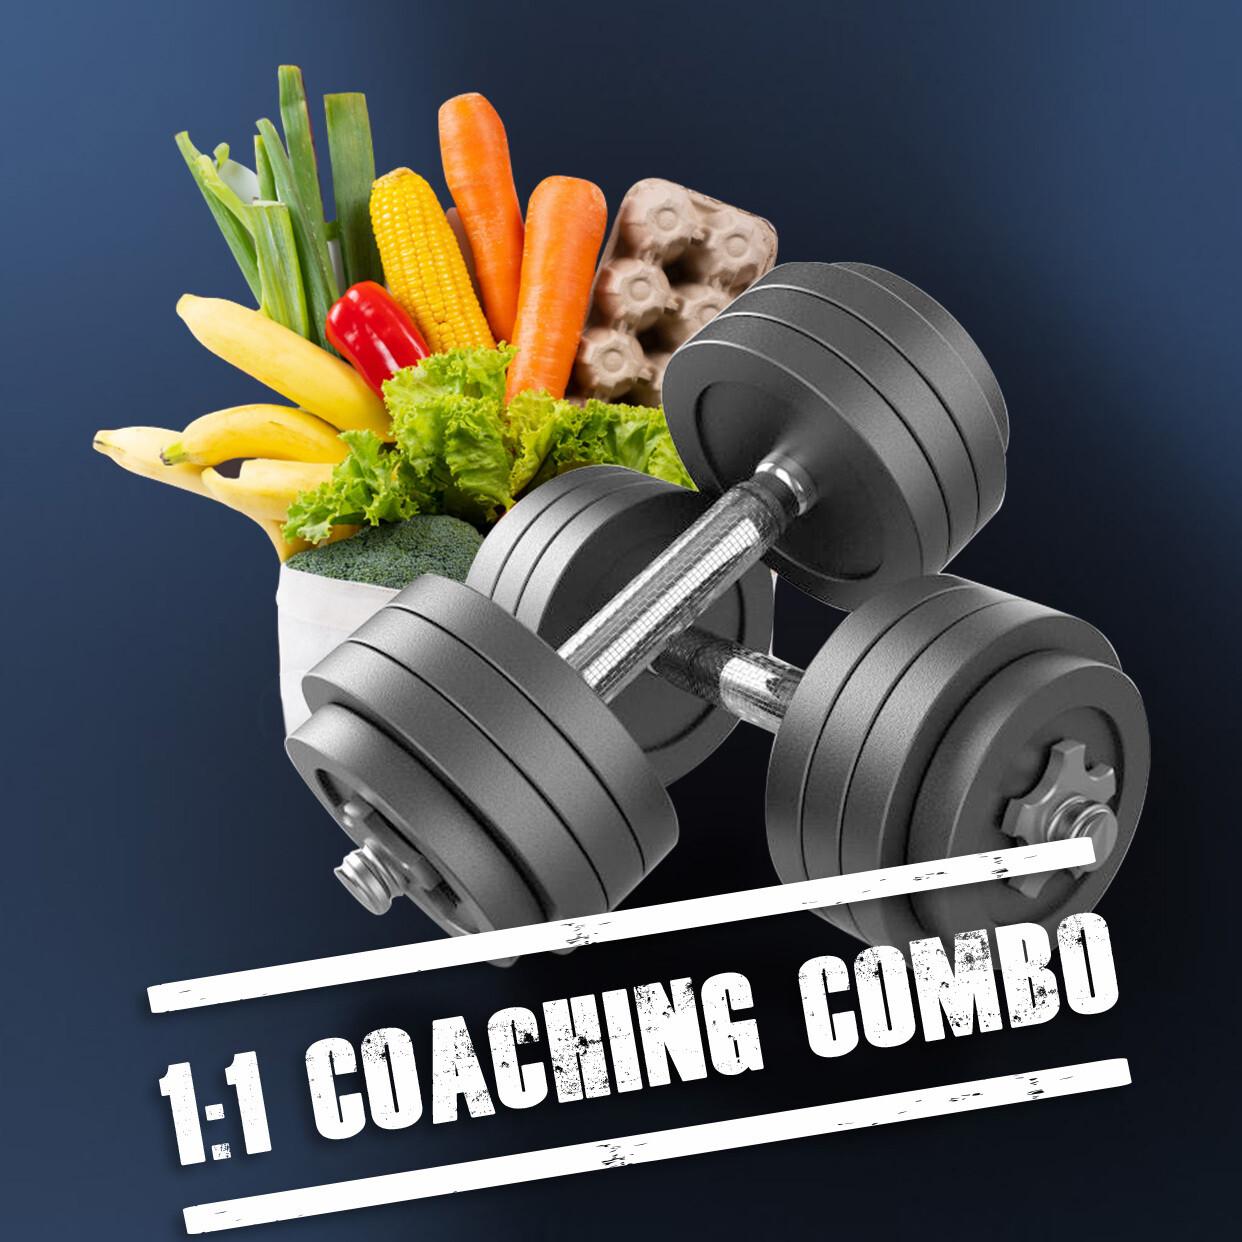 1:1 Coaching Combo